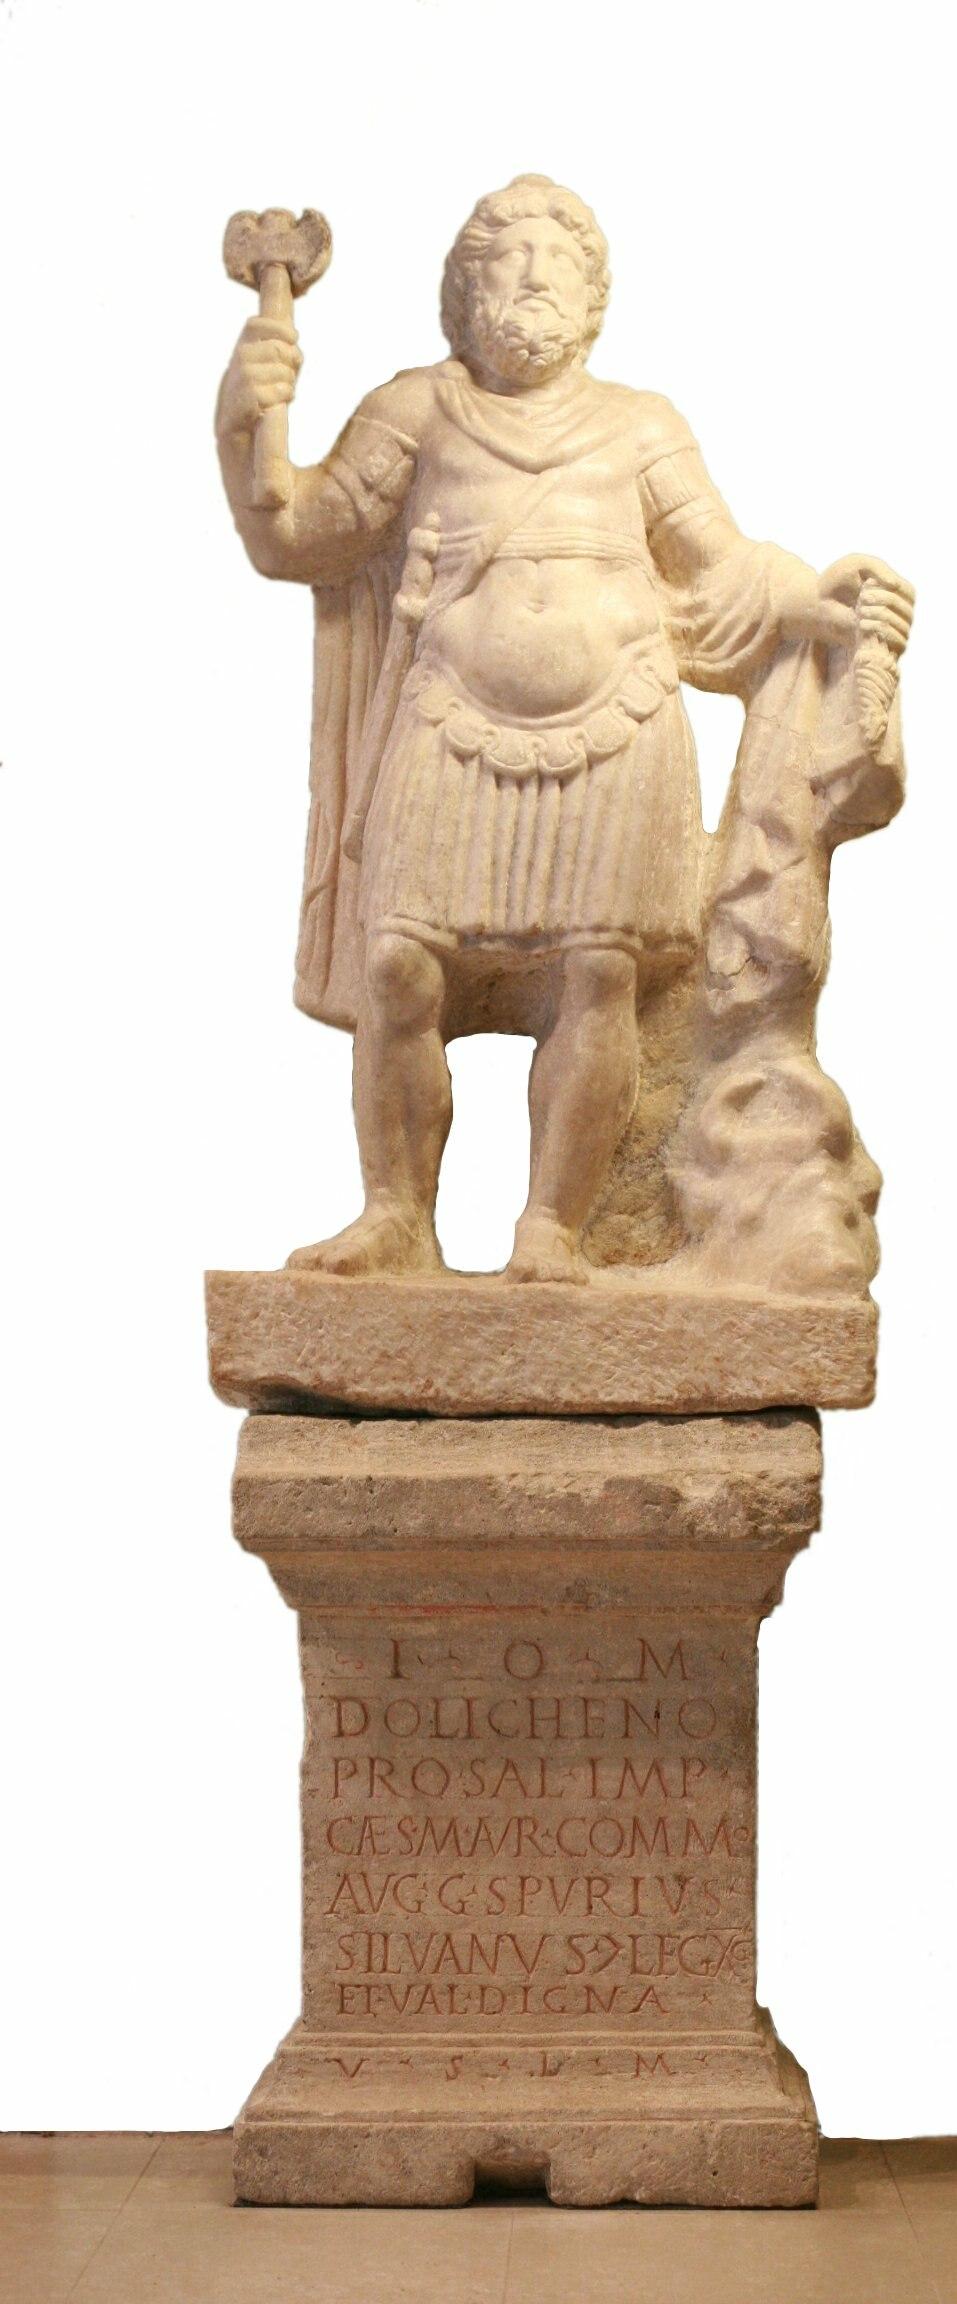 Jupiter dolichenus 3rd century Carnuntum